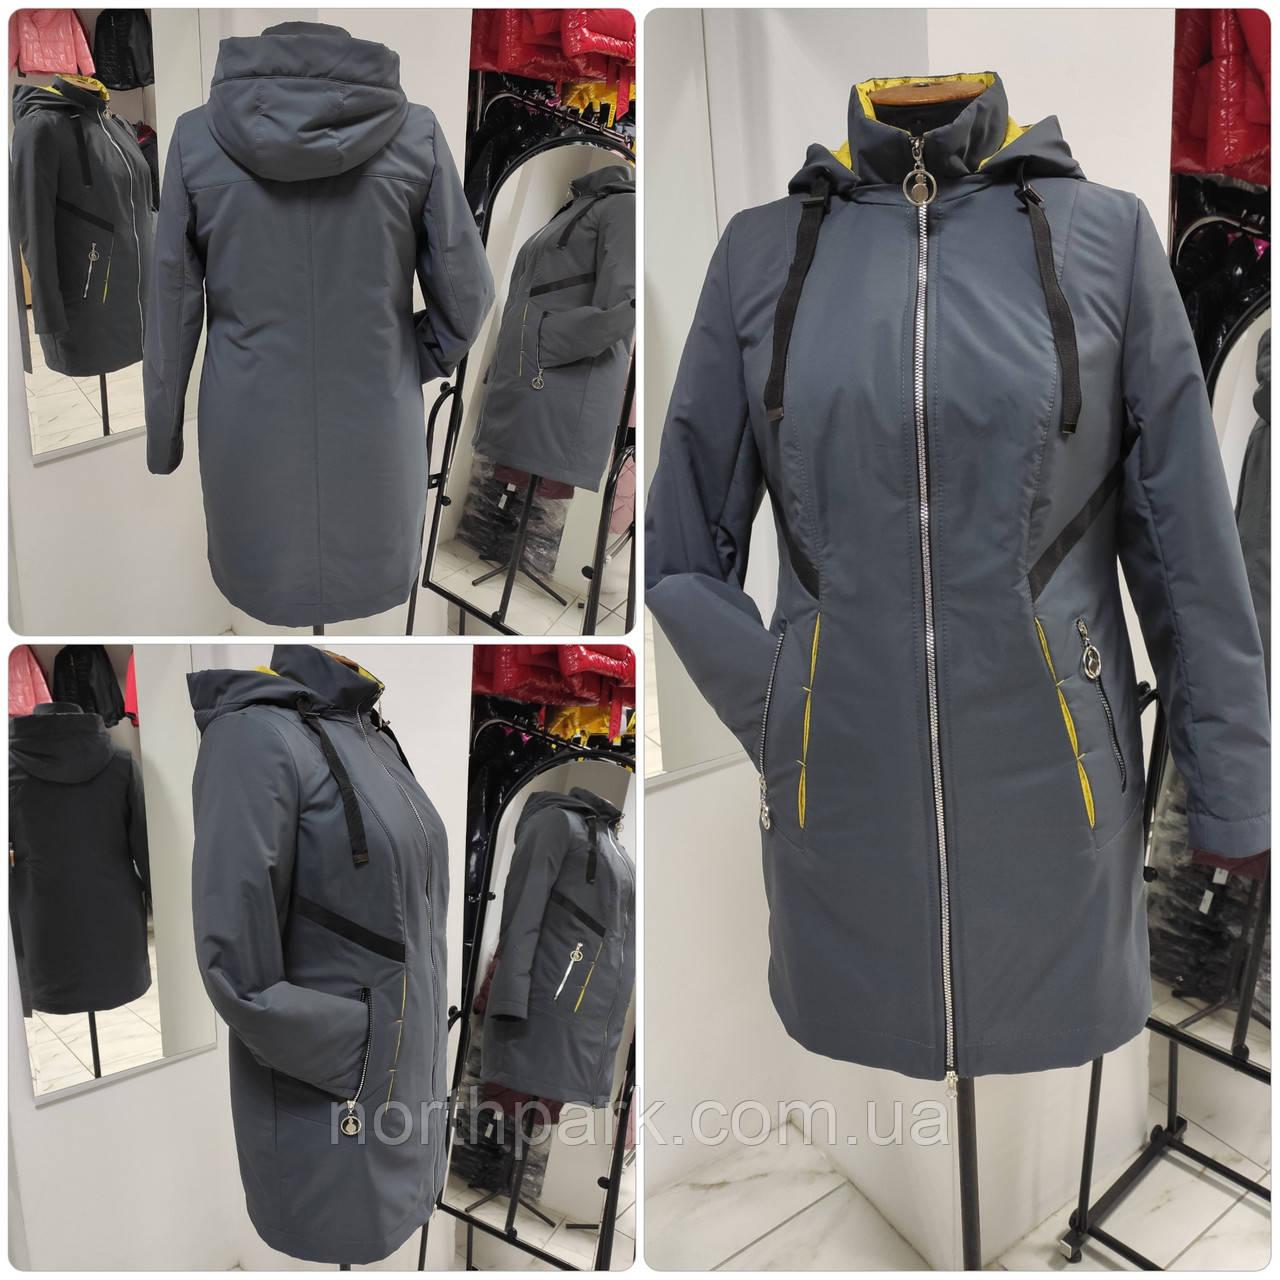 Женская демисезонная куртка-плащ больших размеров Solo SV-4